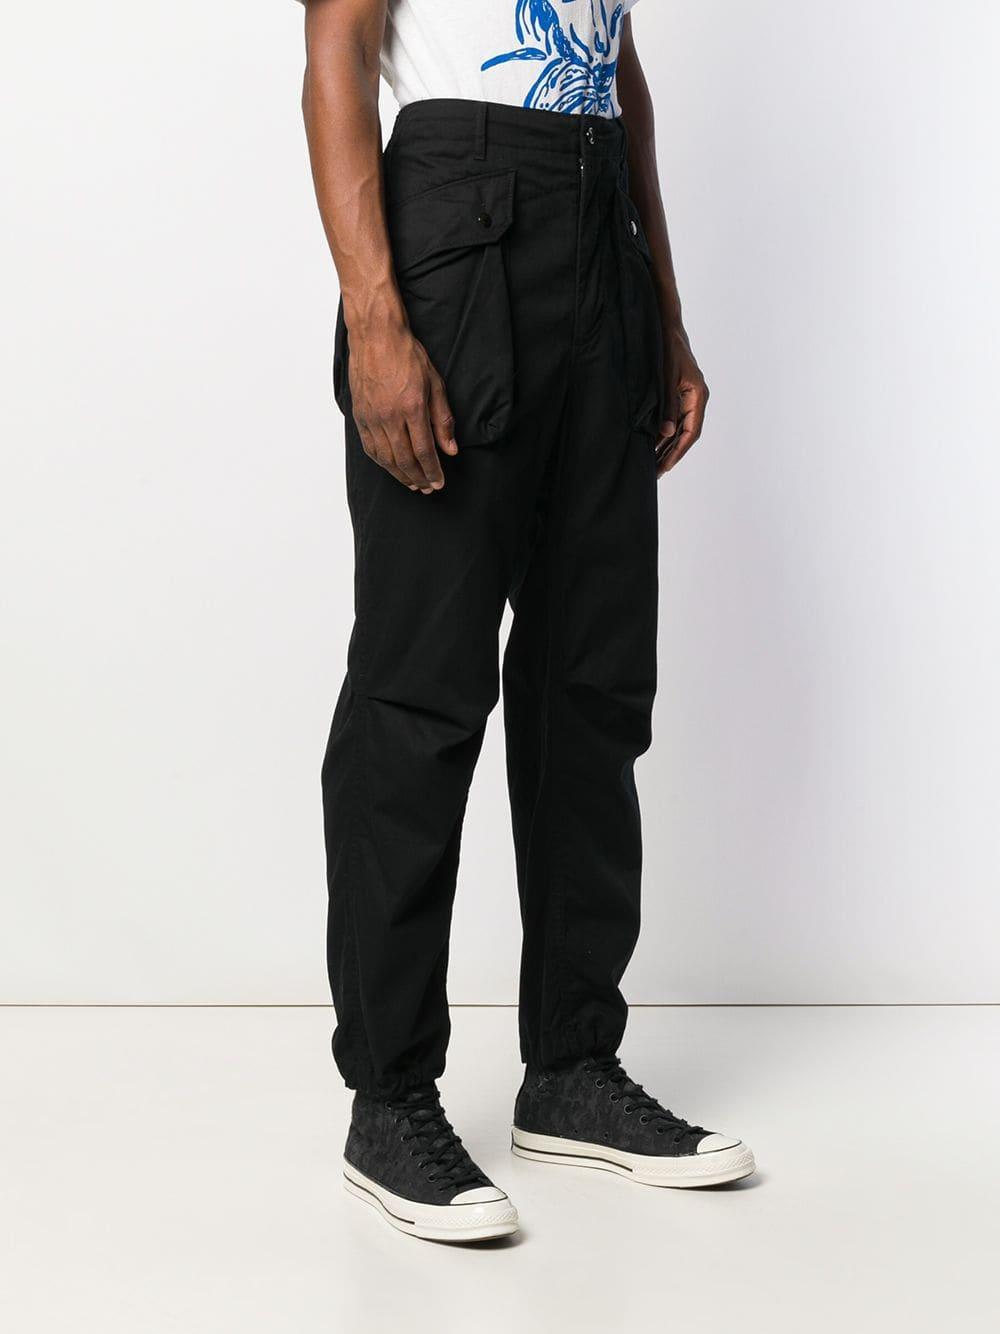 Engineered Garments Katoen Straight Broek in het Zwart voor heren